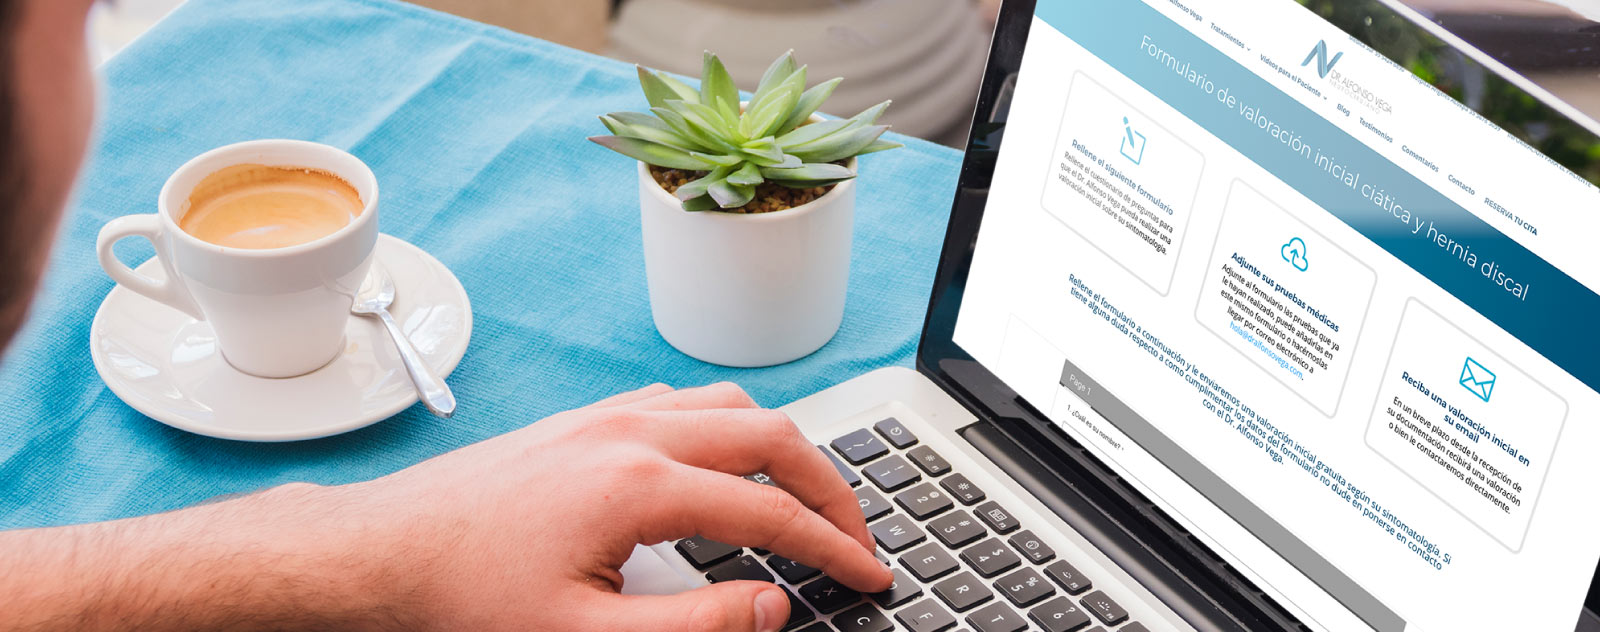 Diseño web a medida para el Dr. Alfonso Vega por Mood 359